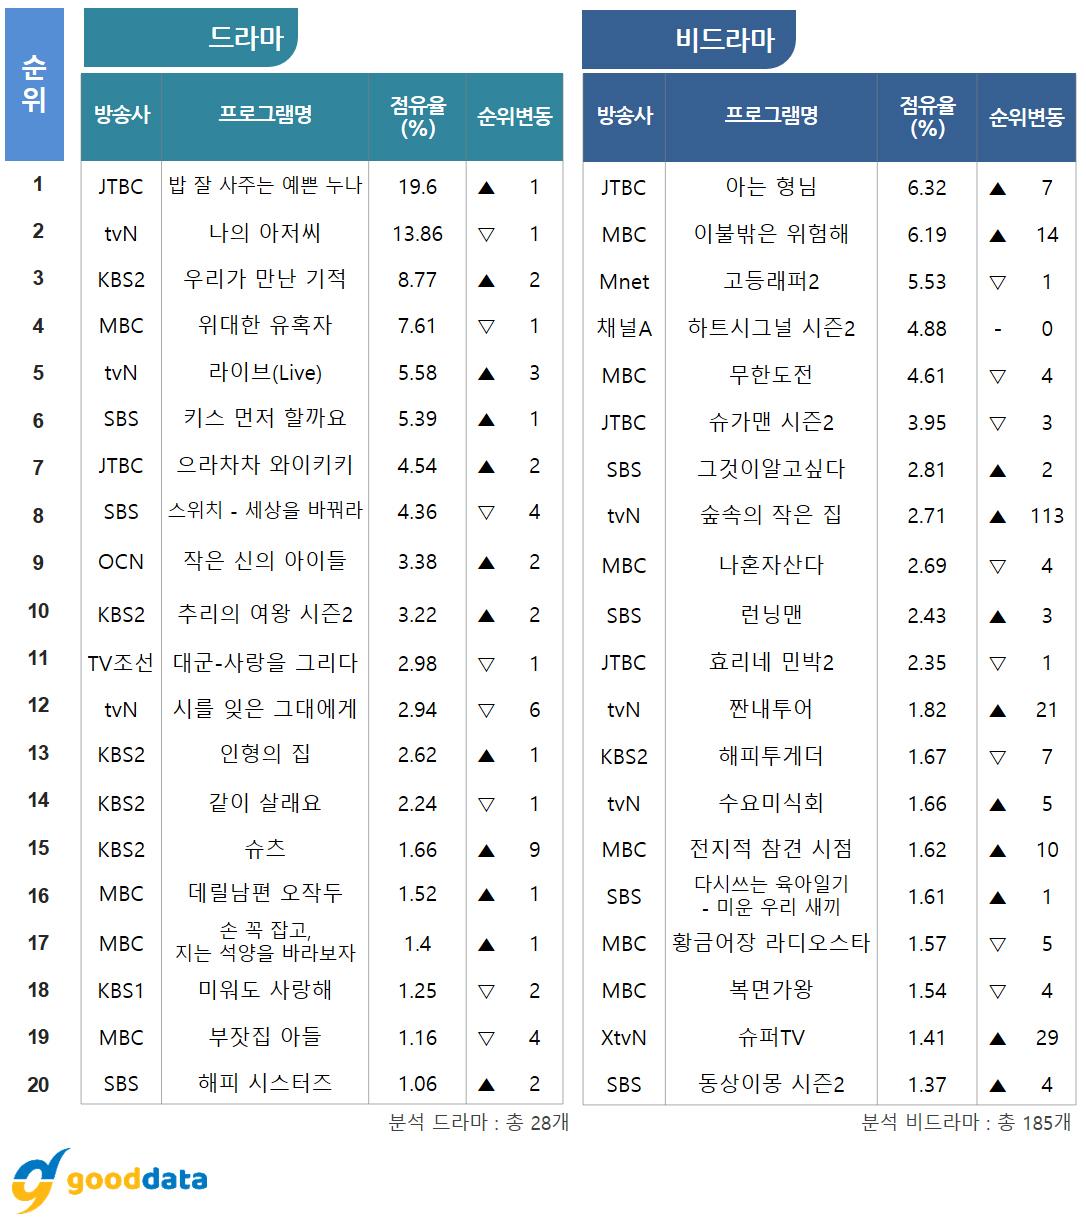 TV화제성 드라마 TOP 3는? '밥 잘 사주는 예쁜 누나'-'나의 아저씨'-'우리가 만난 기적'